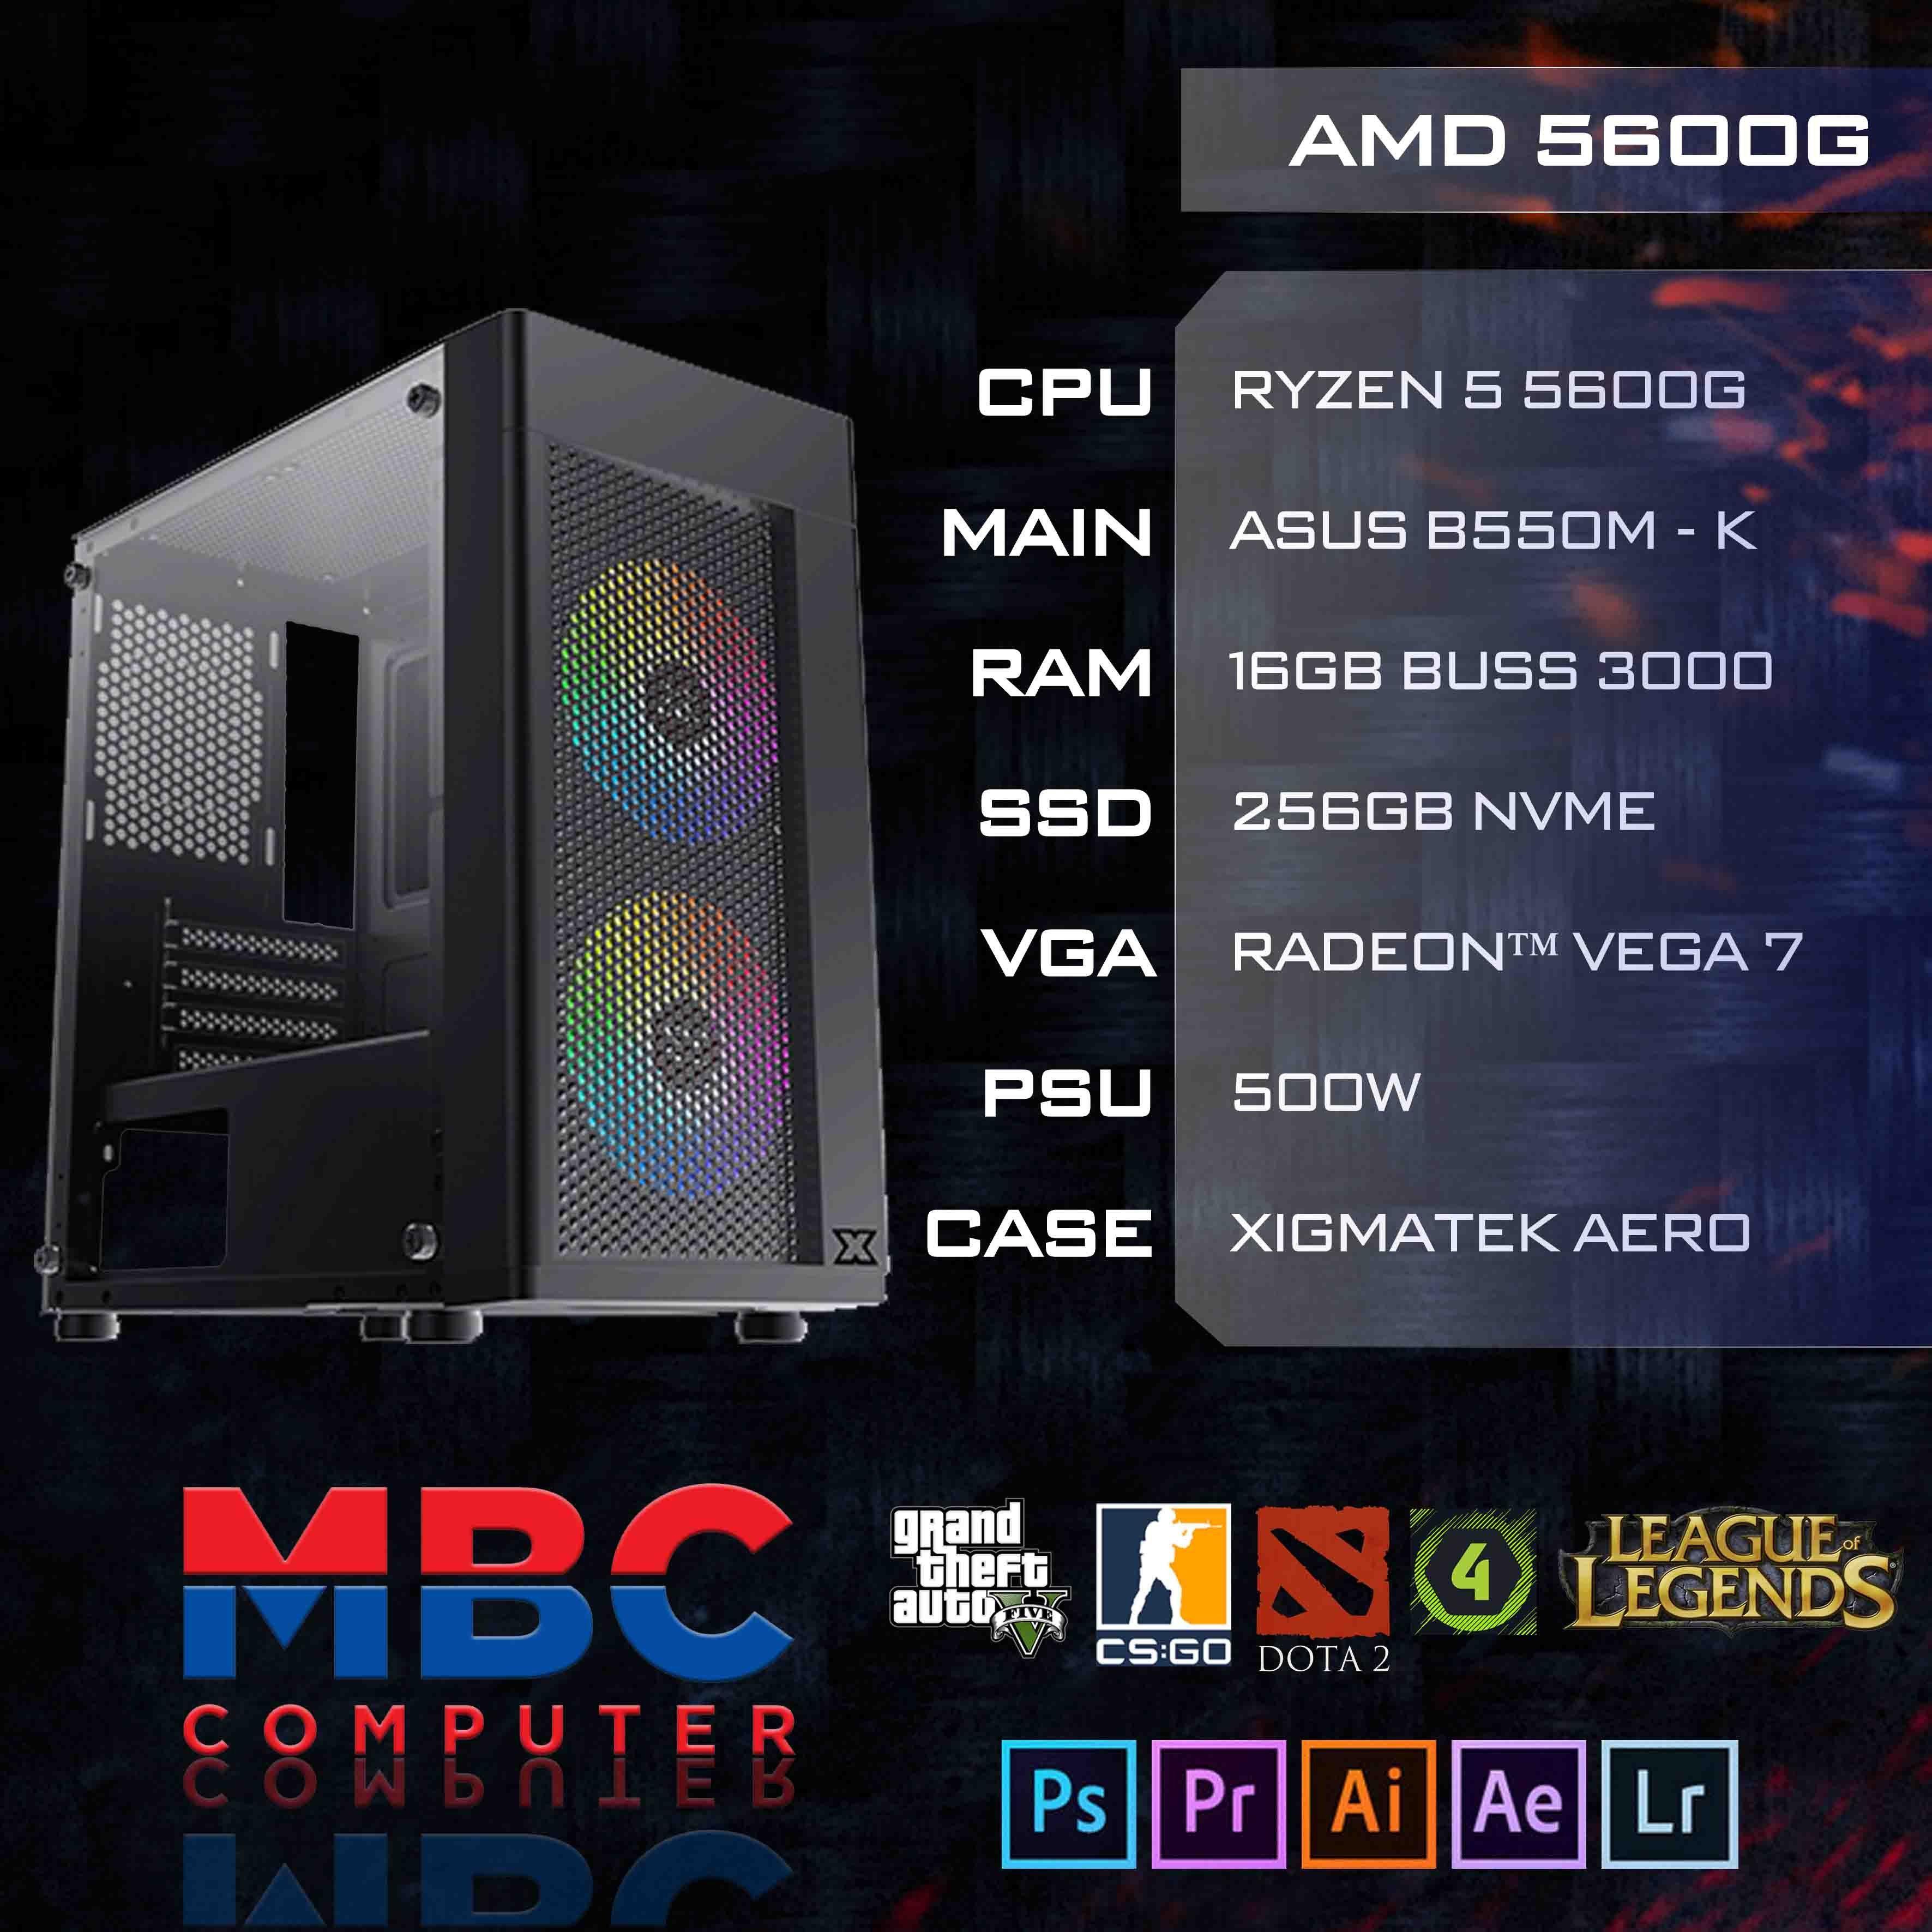 BỘ PC AMD Ryzen 5600G/B550/16GB RAM/SSD 256GB NVME